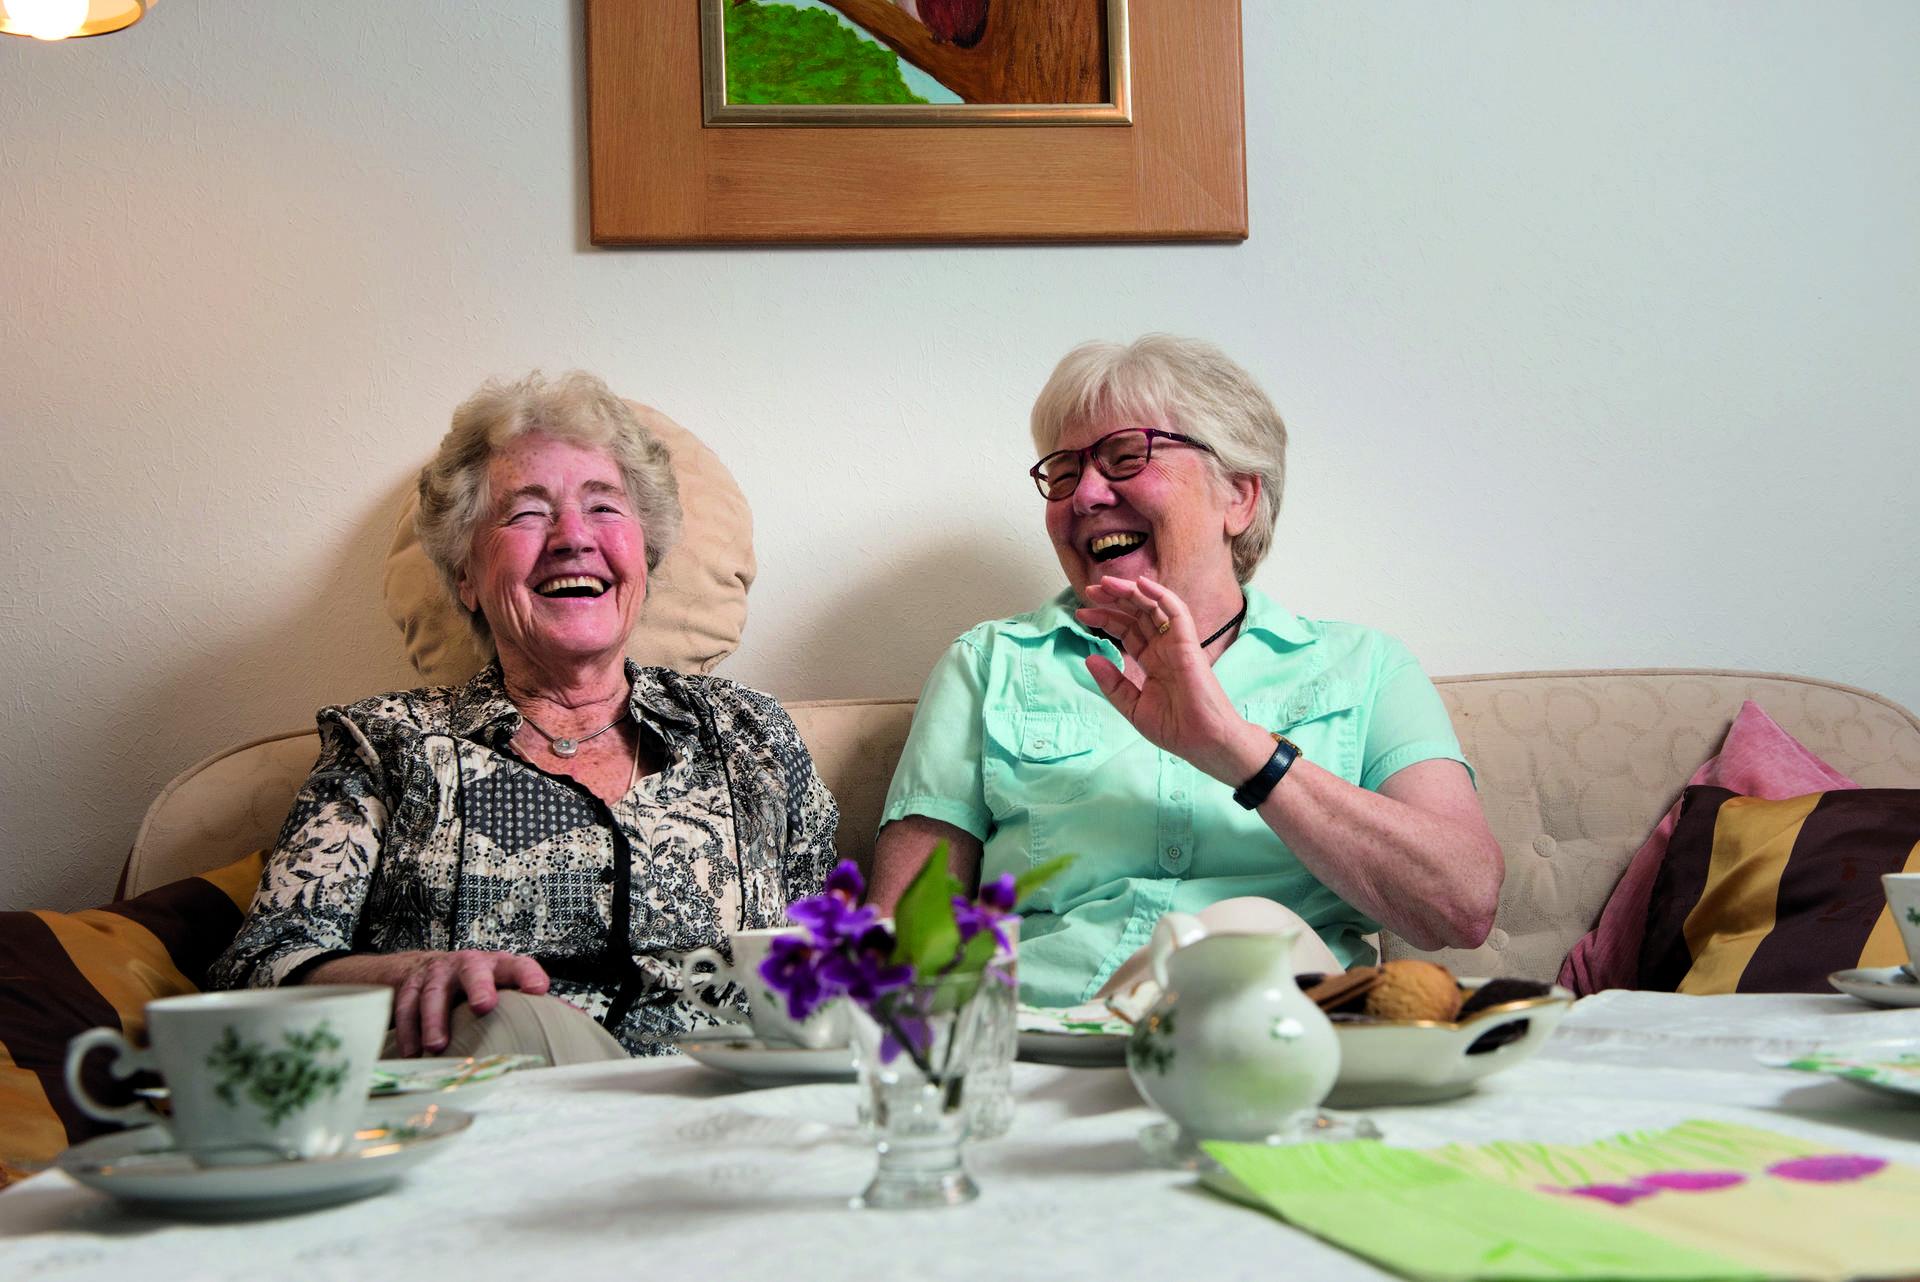 Es gibt immer was zu lachen: Ursel Kannenberg (li.) und SeniorPartnerin Sonja Jonasson (re.) treffen sich einmal pro Woche, zum Beispiel zum Spaziergang oder auch einfach nur zum Kaffeeplausch. Vermittelt hat den hilfreichen Kontakt die Diakonie.